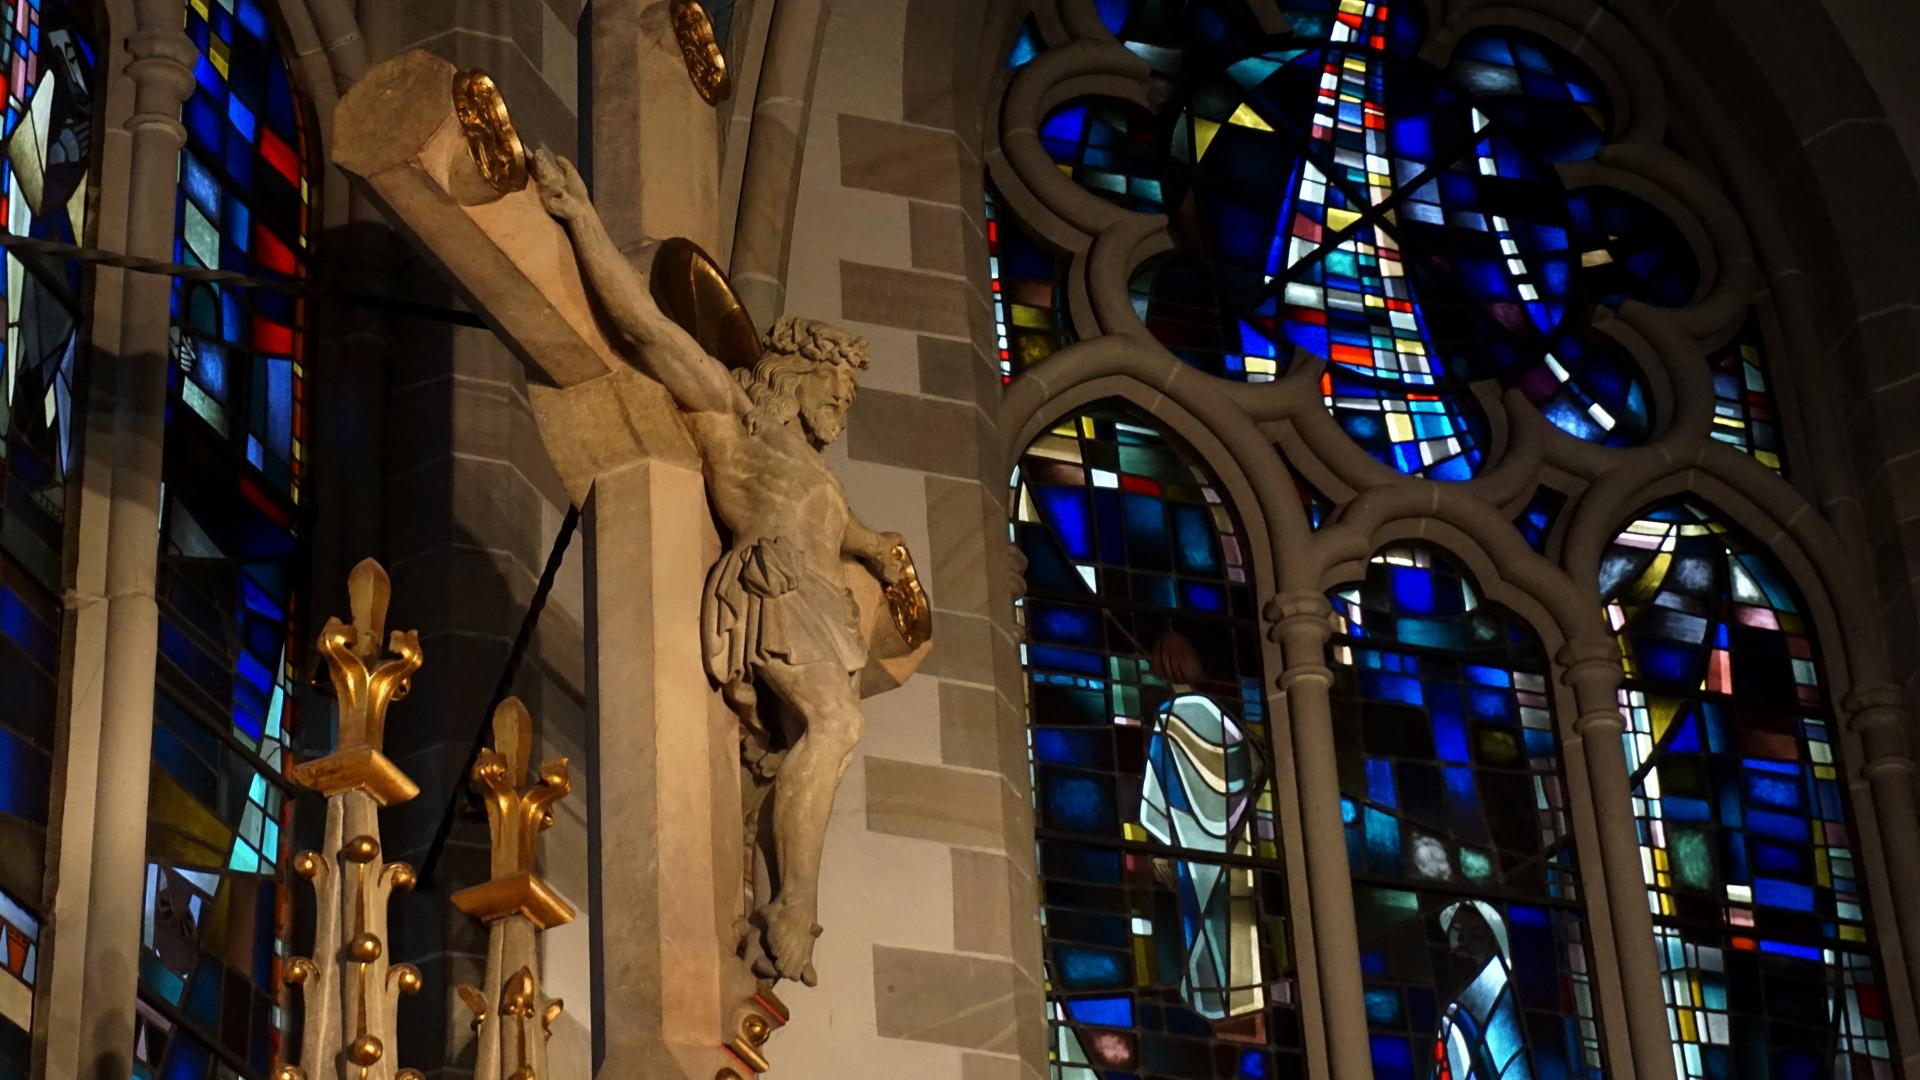 Eine Woche unter Lutheranern — Die Gartenkirche in Hannover